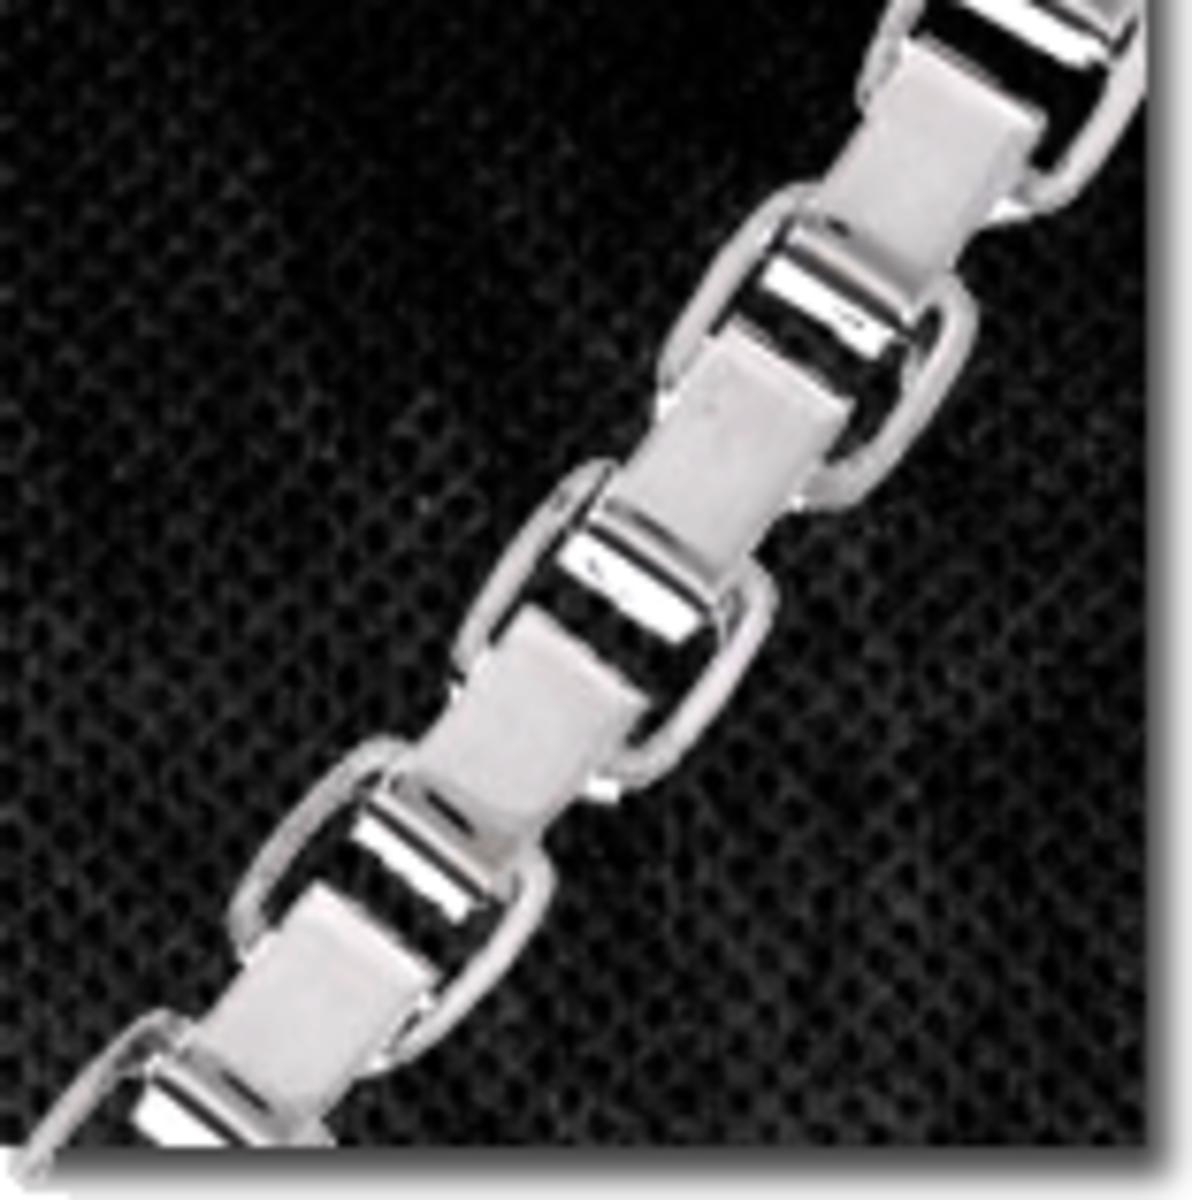 ▲Box Chain